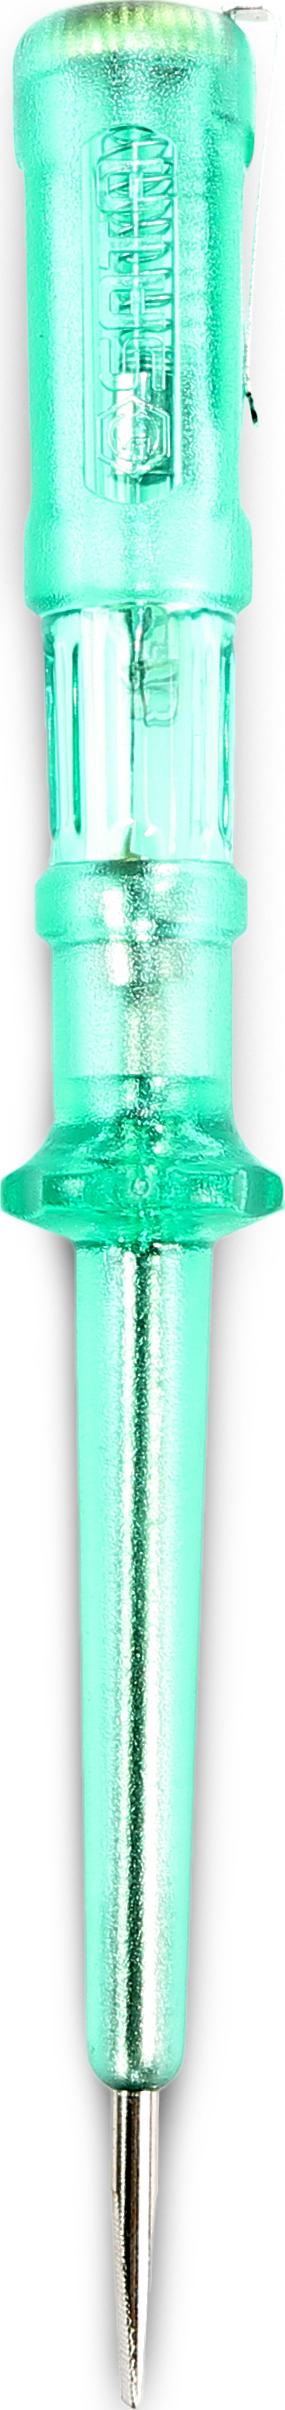 普通型测电笔145MM